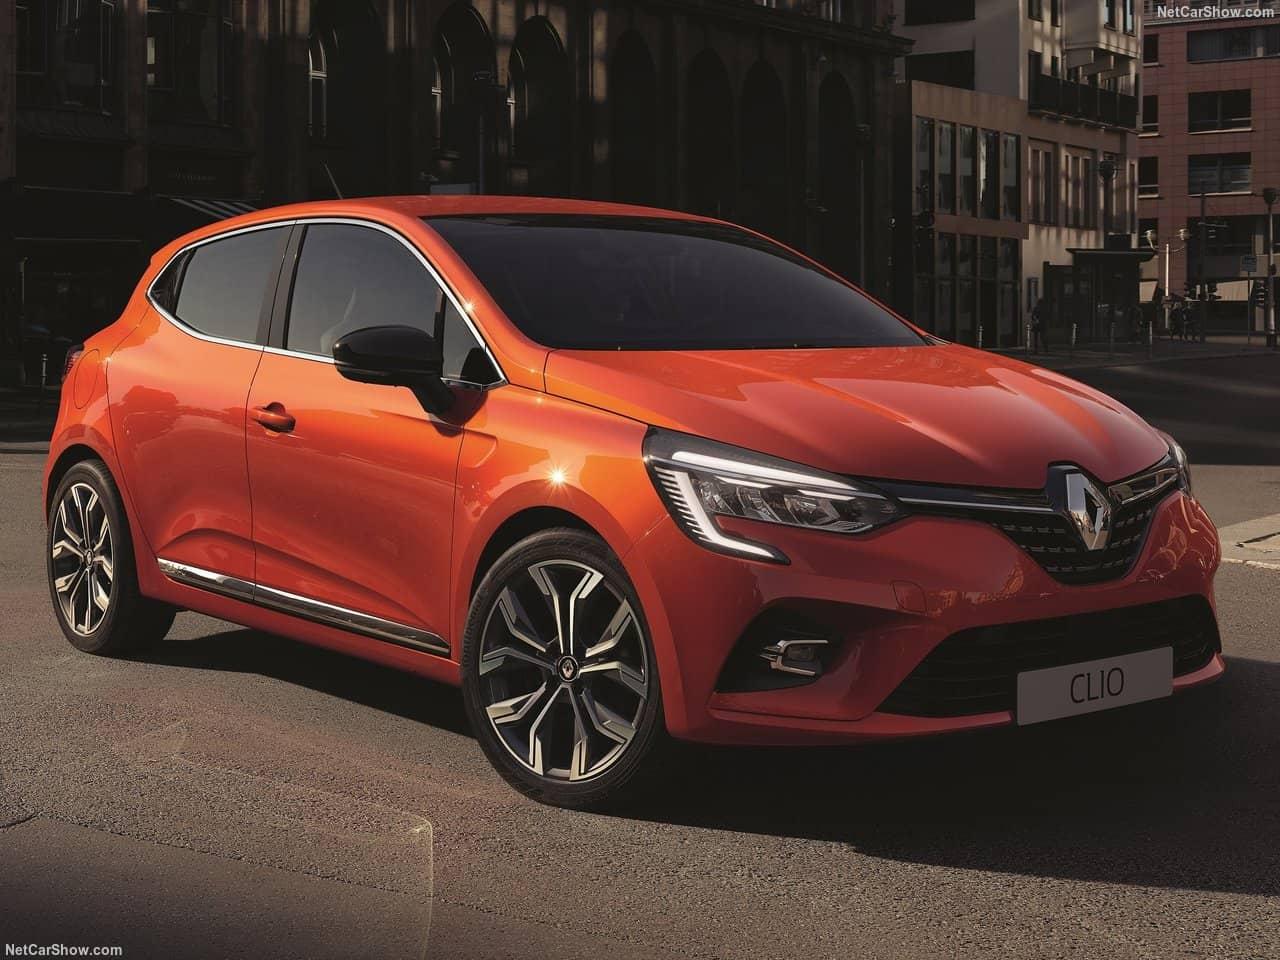 Der neue Clio ist da !! Kommt zur Probefahrt !